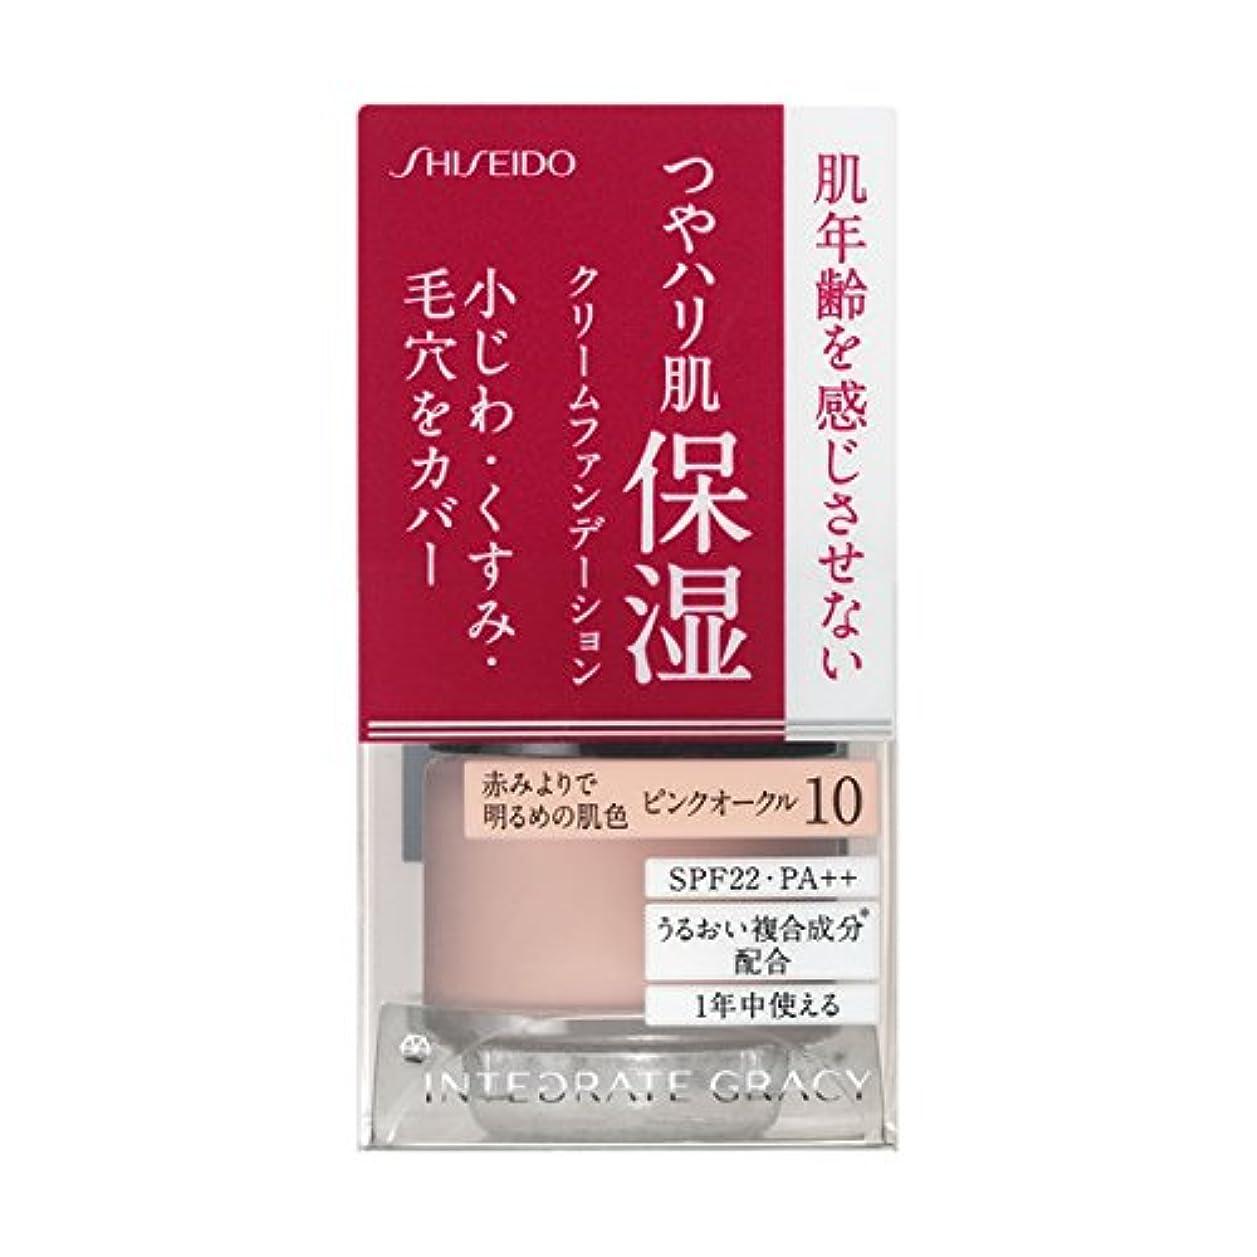 毛皮完璧セットアップ資生堂 インテグレート グレイシィ モイストクリーム ファンデーション ピンクオークル10 PO10